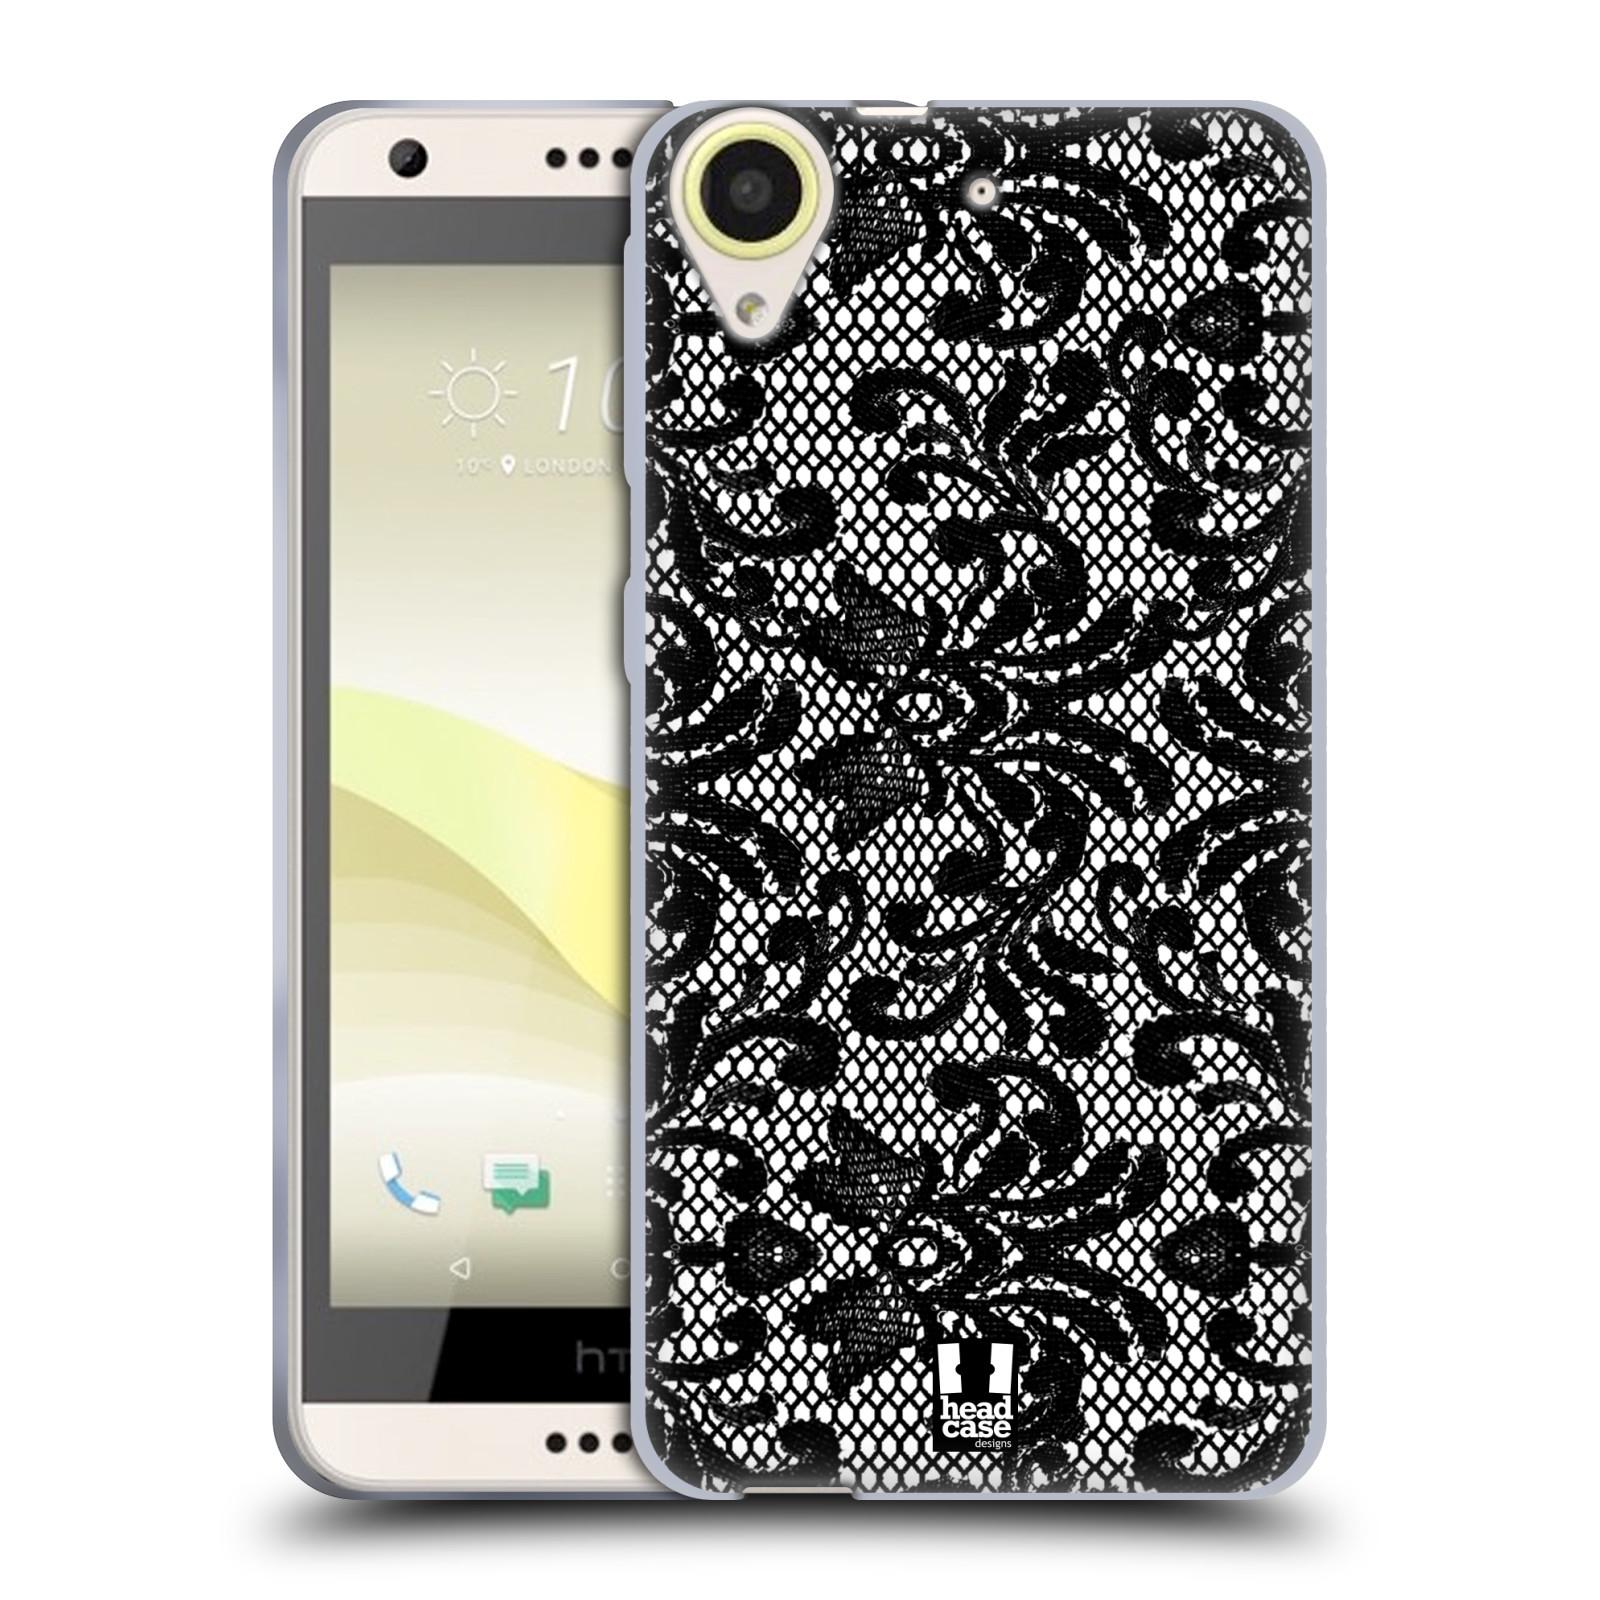 Silikonové pouzdro na mobil HTC Desire 650 HEAD CASE KRAJKA (Silikonový kryt či obal na mobilní telefon HTC Desire 650)